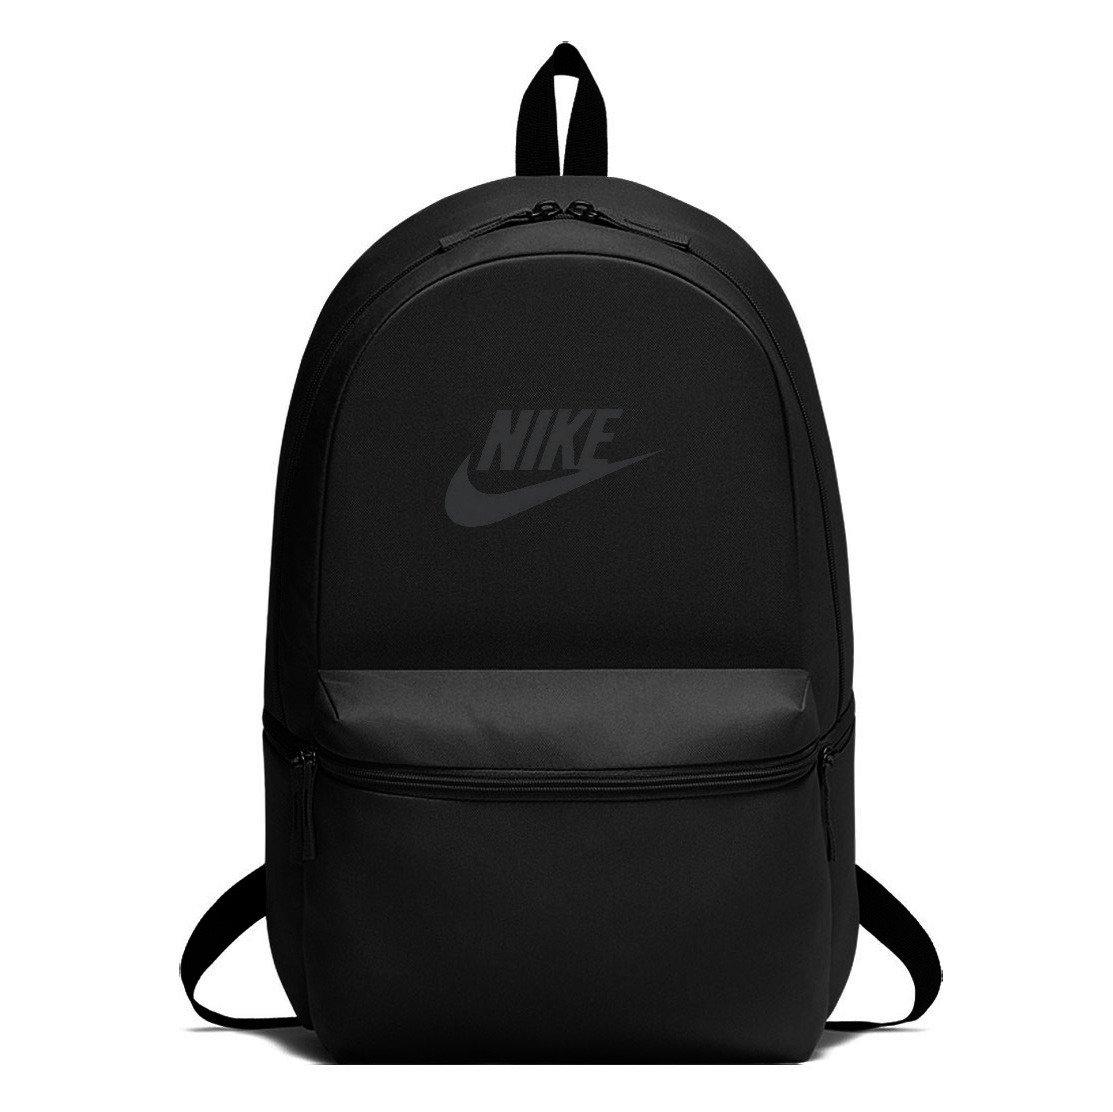 96d42aedeee41 Plecak Nike Heritage Backpack BA5749-010 | Sklep Butyzakupy.pl